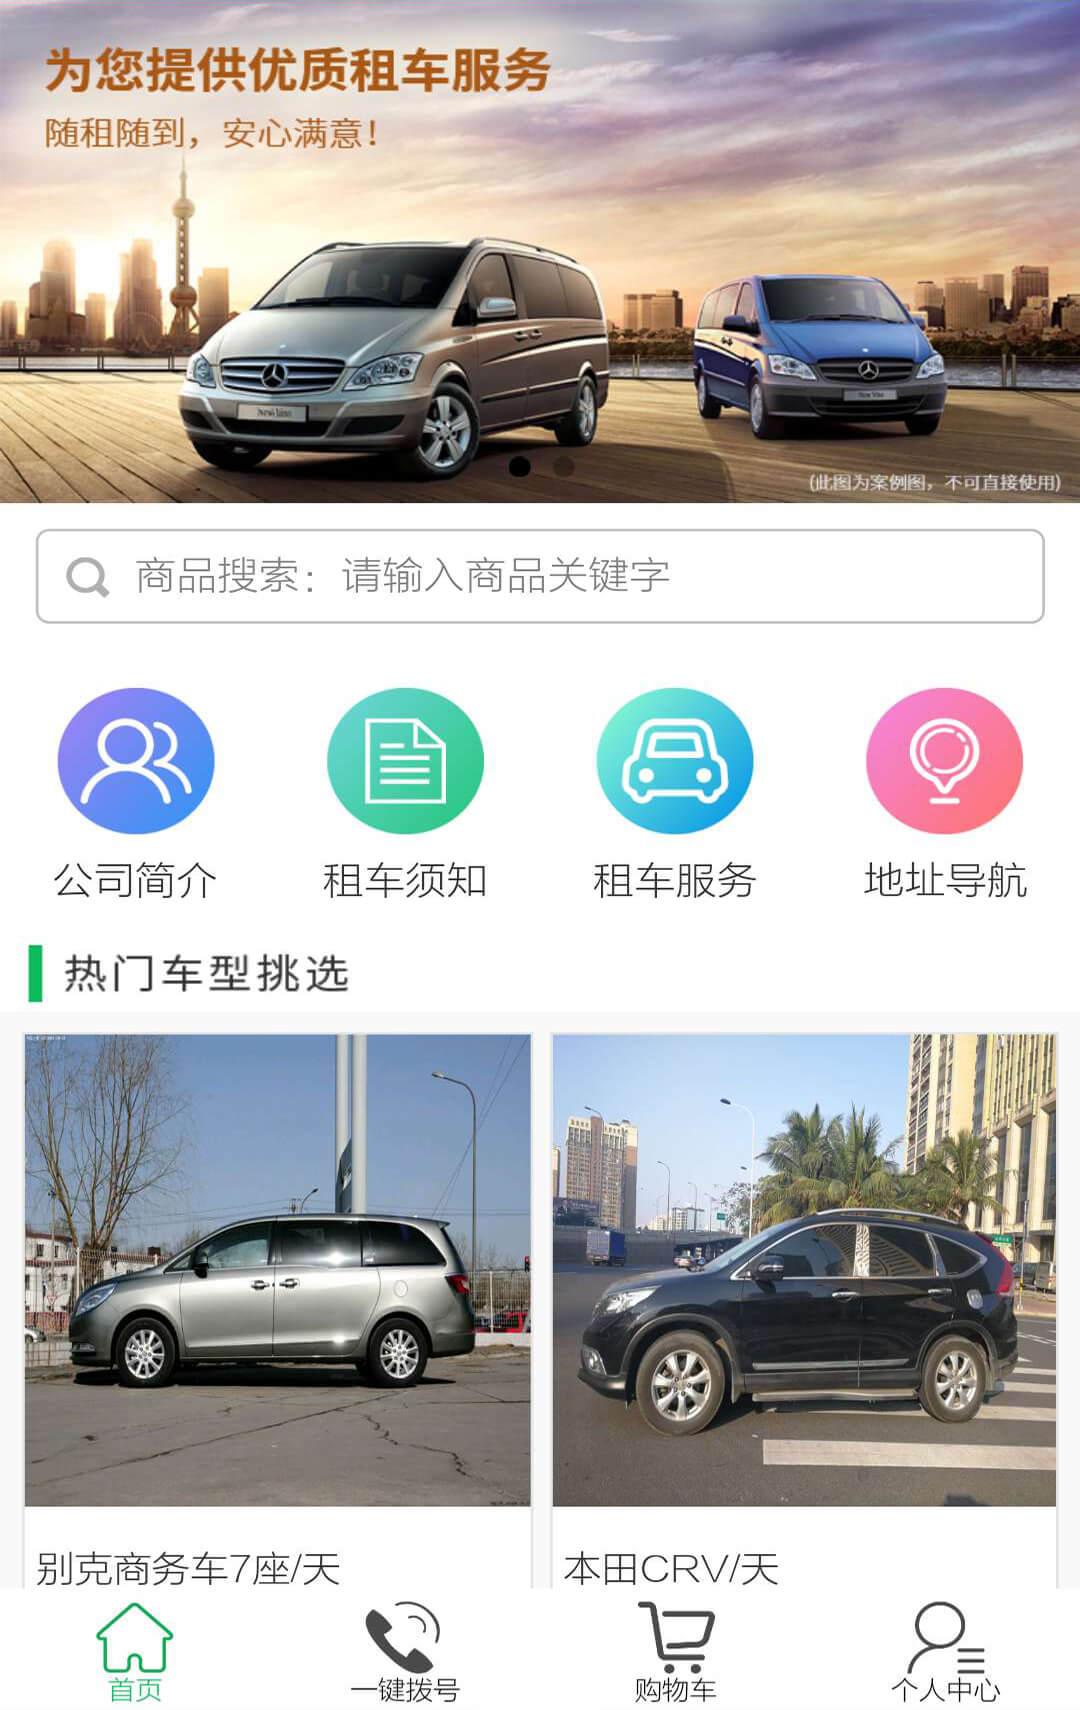 微信租车服务小程序